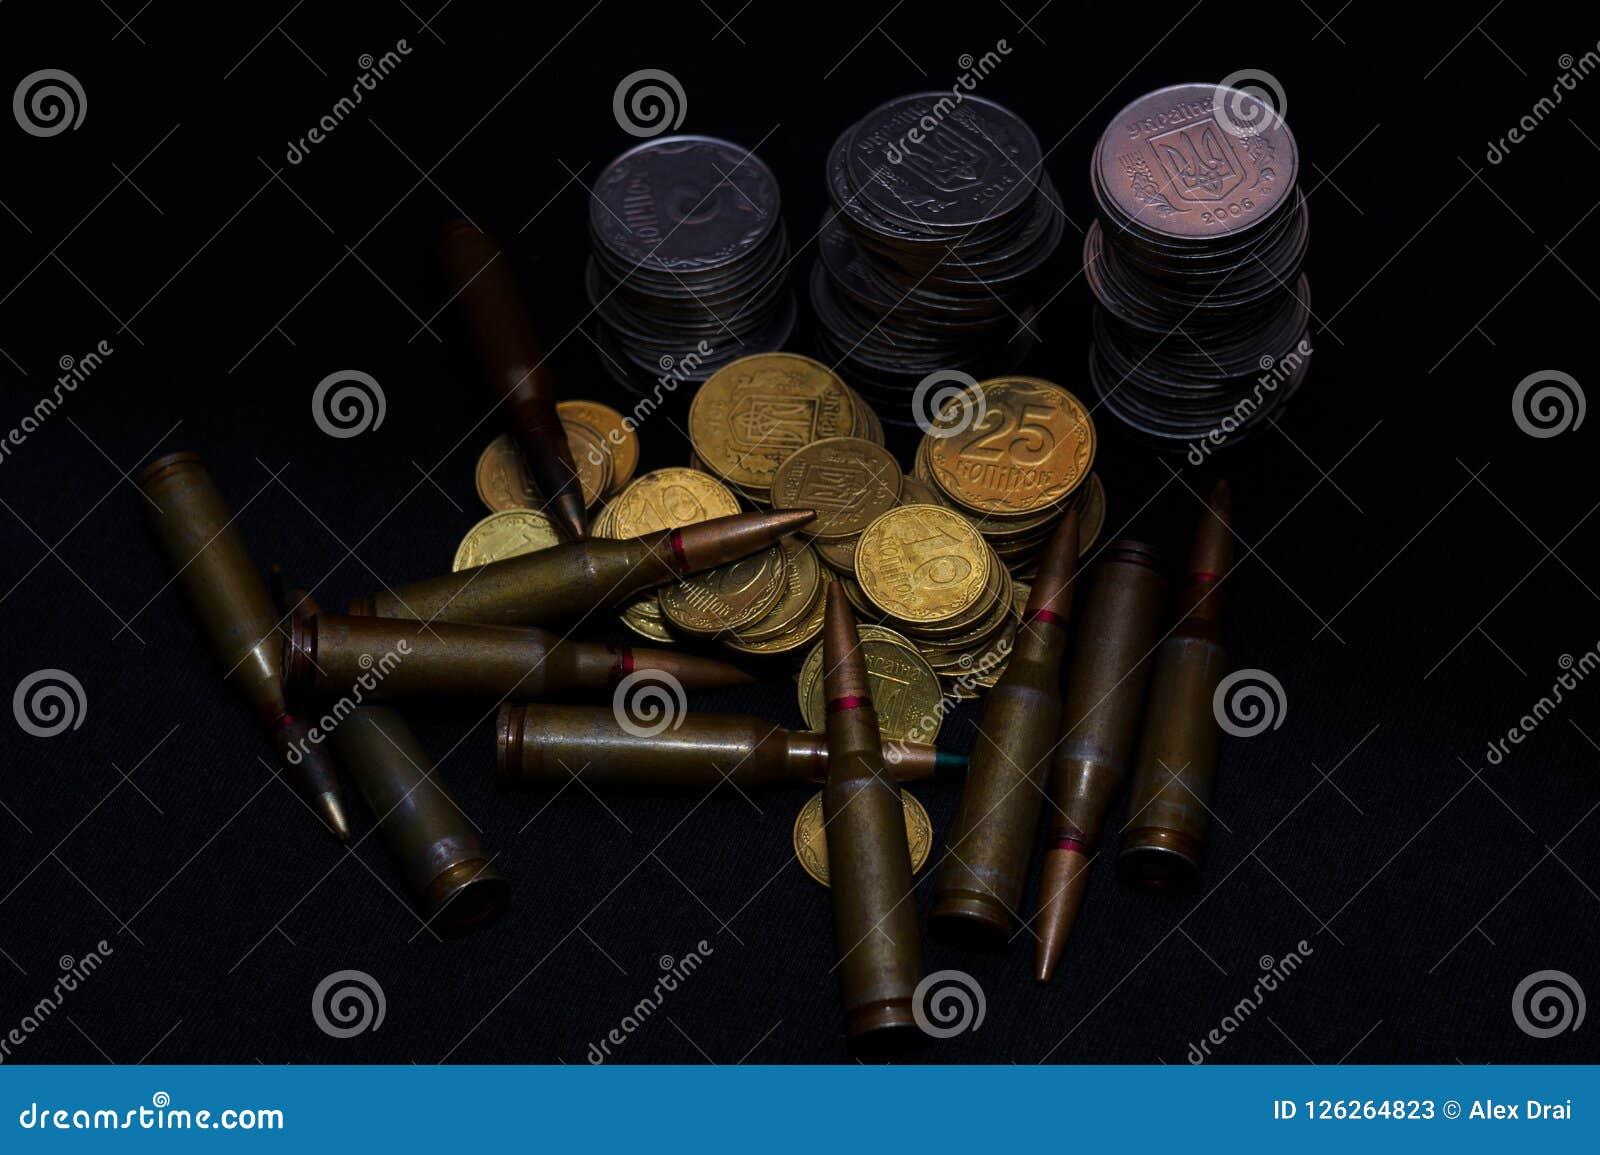 Ουκρανικά μικρά νομίσματα με τα στρατιωτικά πυρομαχικά τουφεκιών στο μαύρο υπόβαθρο Συμβολίζει τον πόλεμο για τα χρήματα